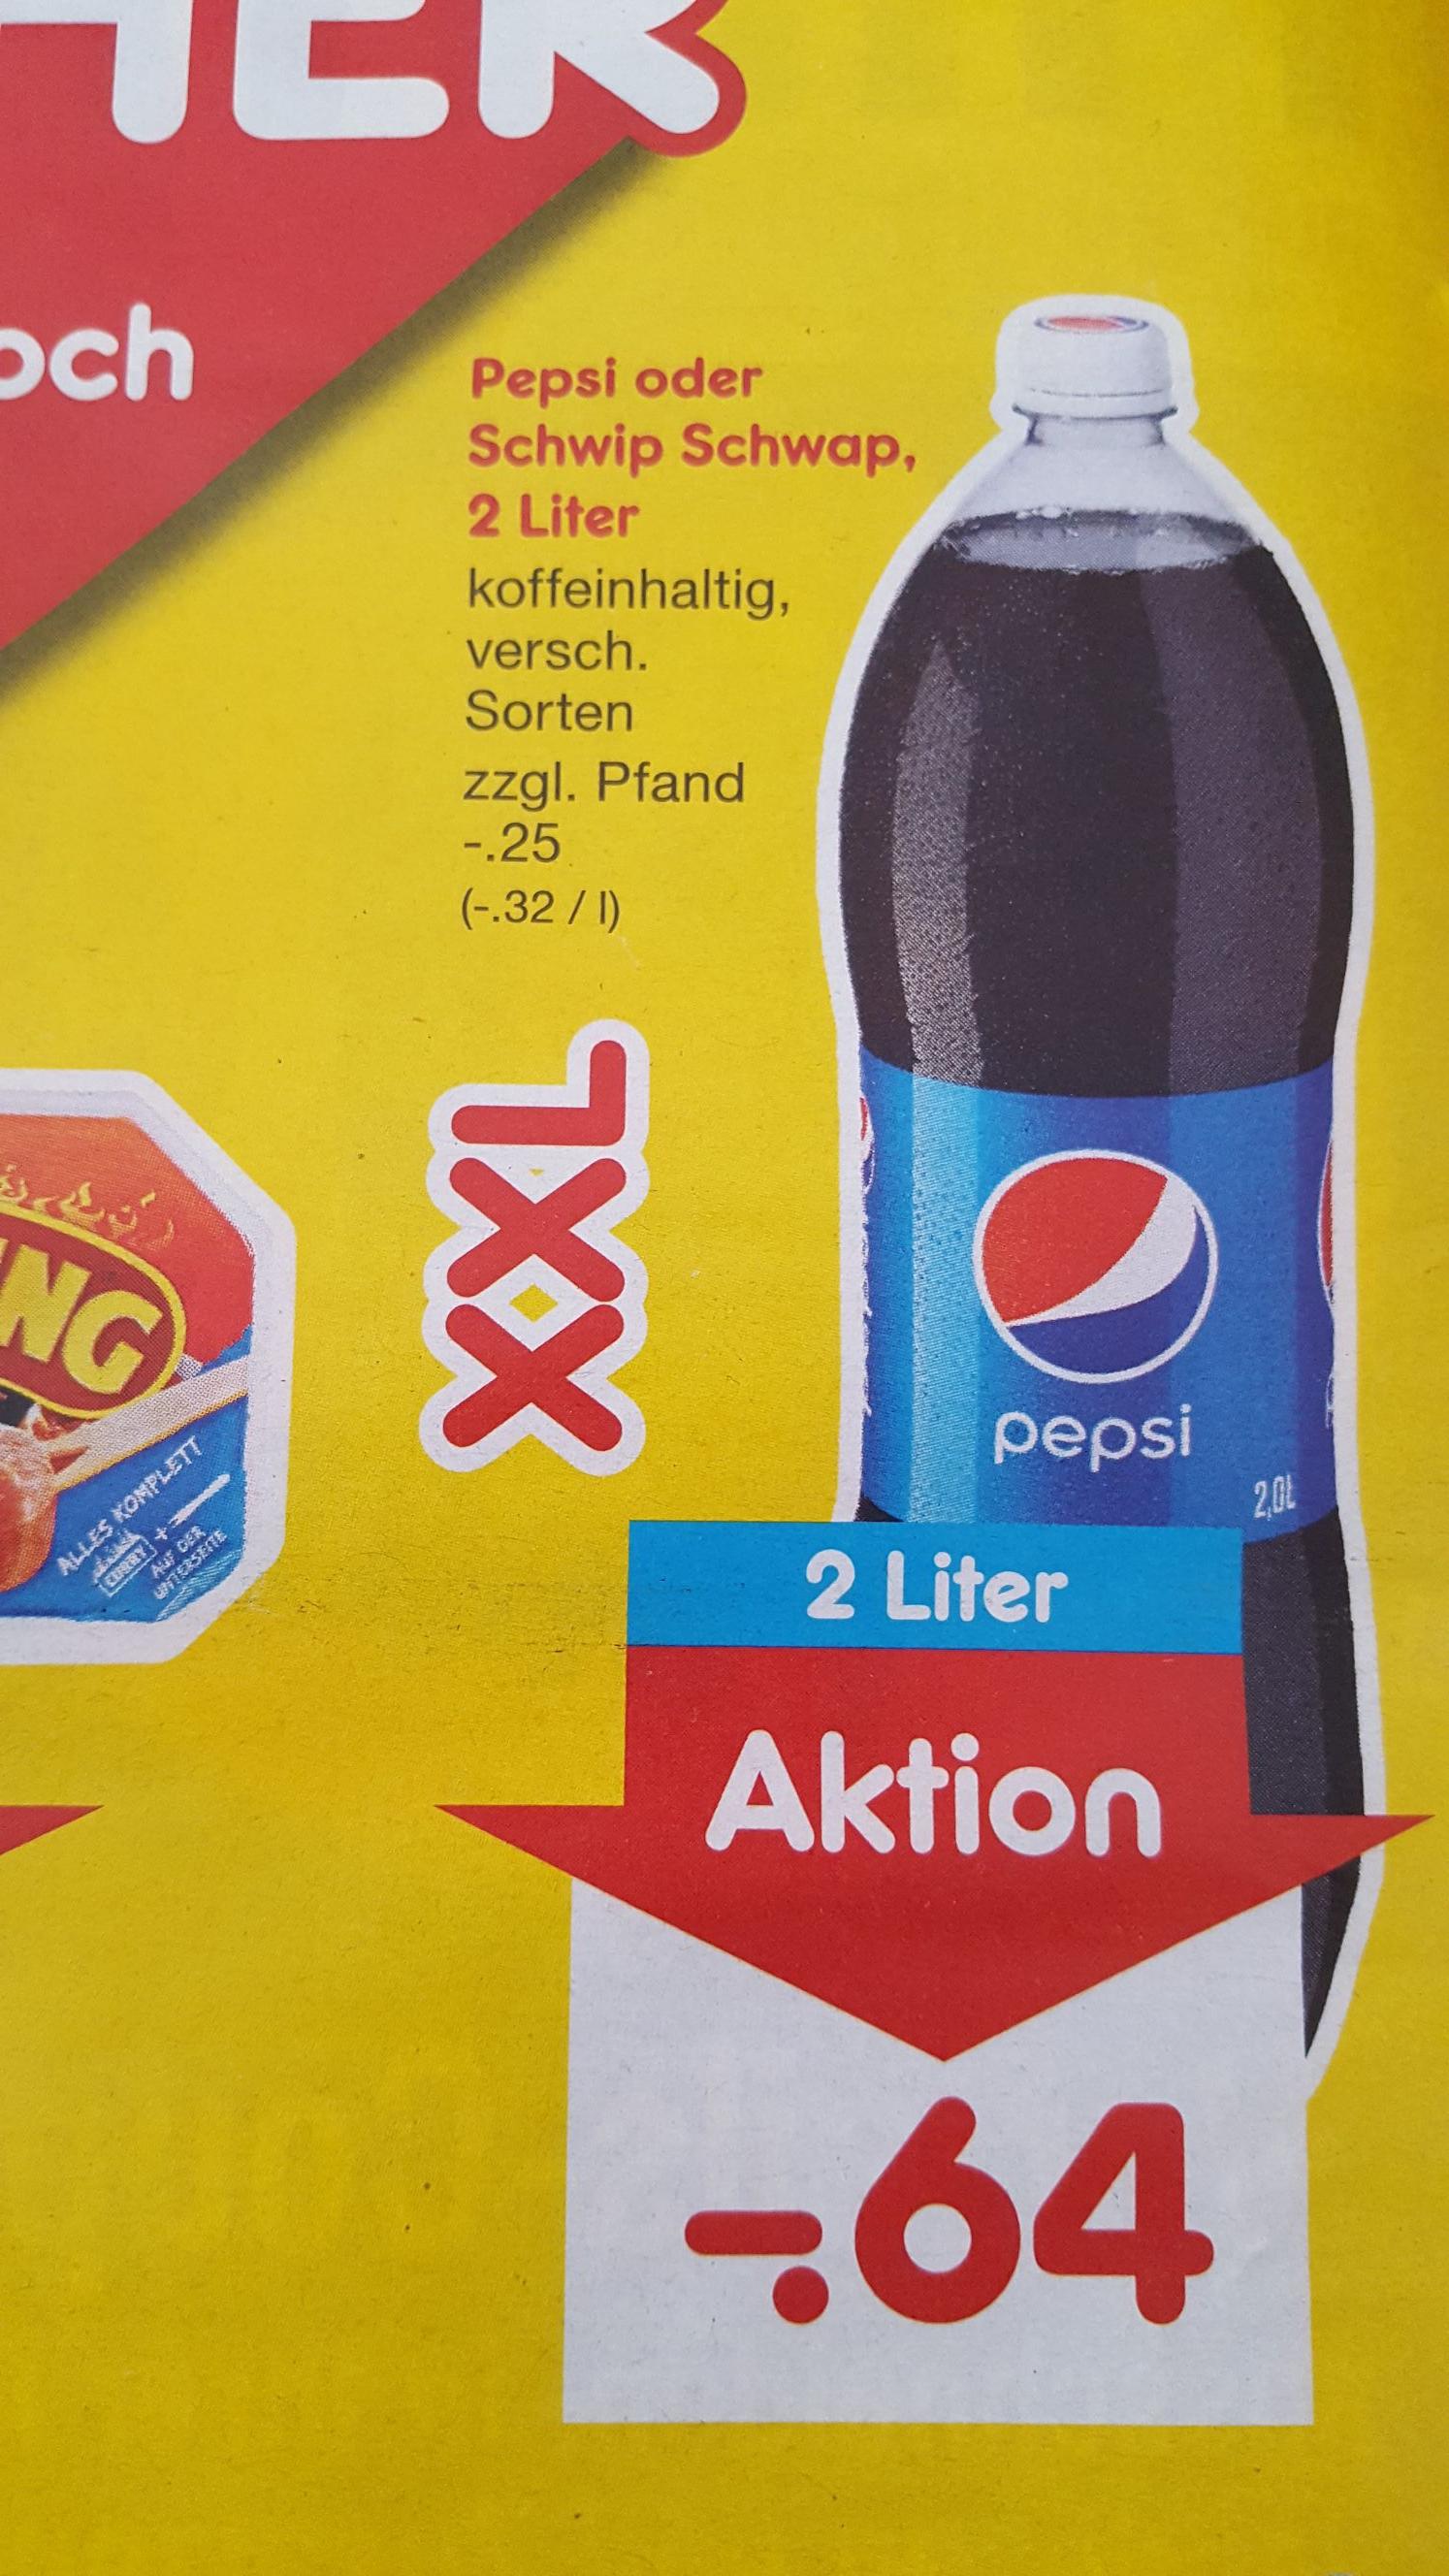 [Netto] Pepsi und Schwip Schwap 2L - nur am 07.07.18